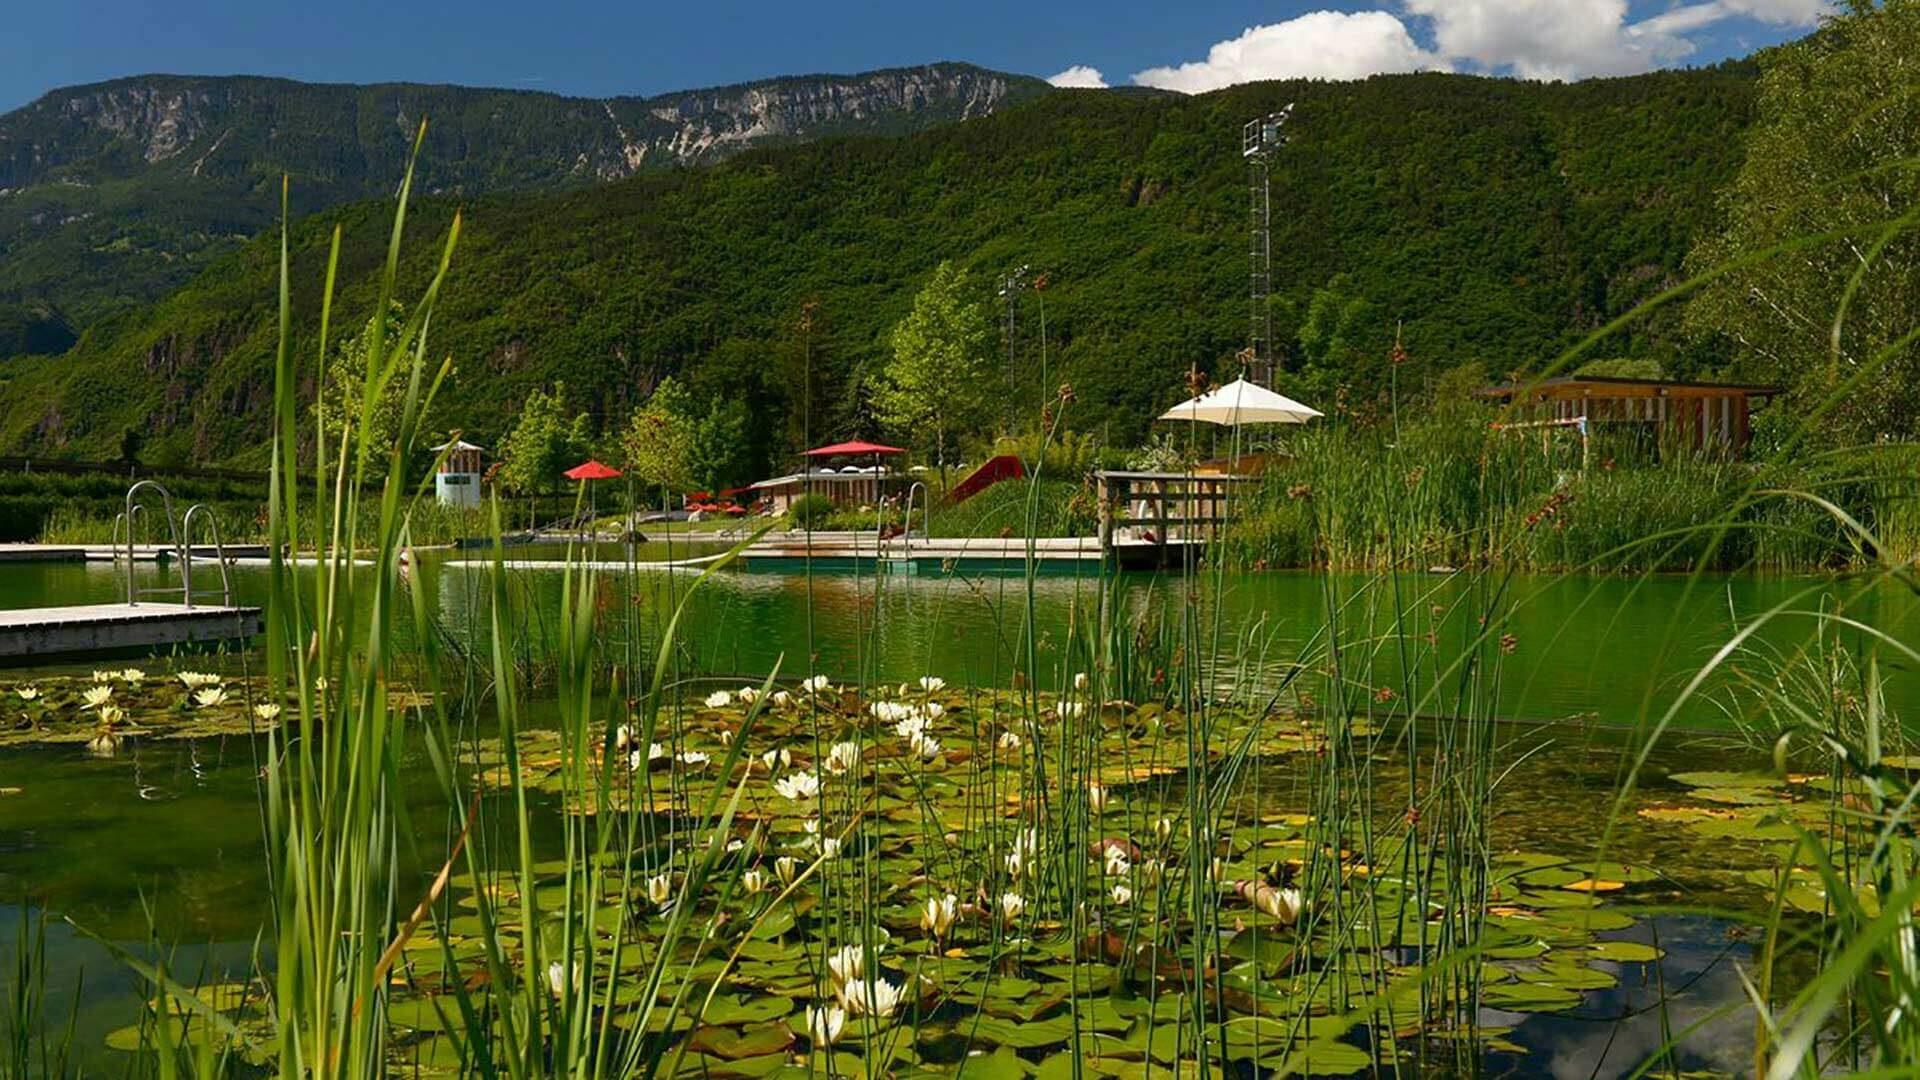 La piscina naturale a Gargazzone